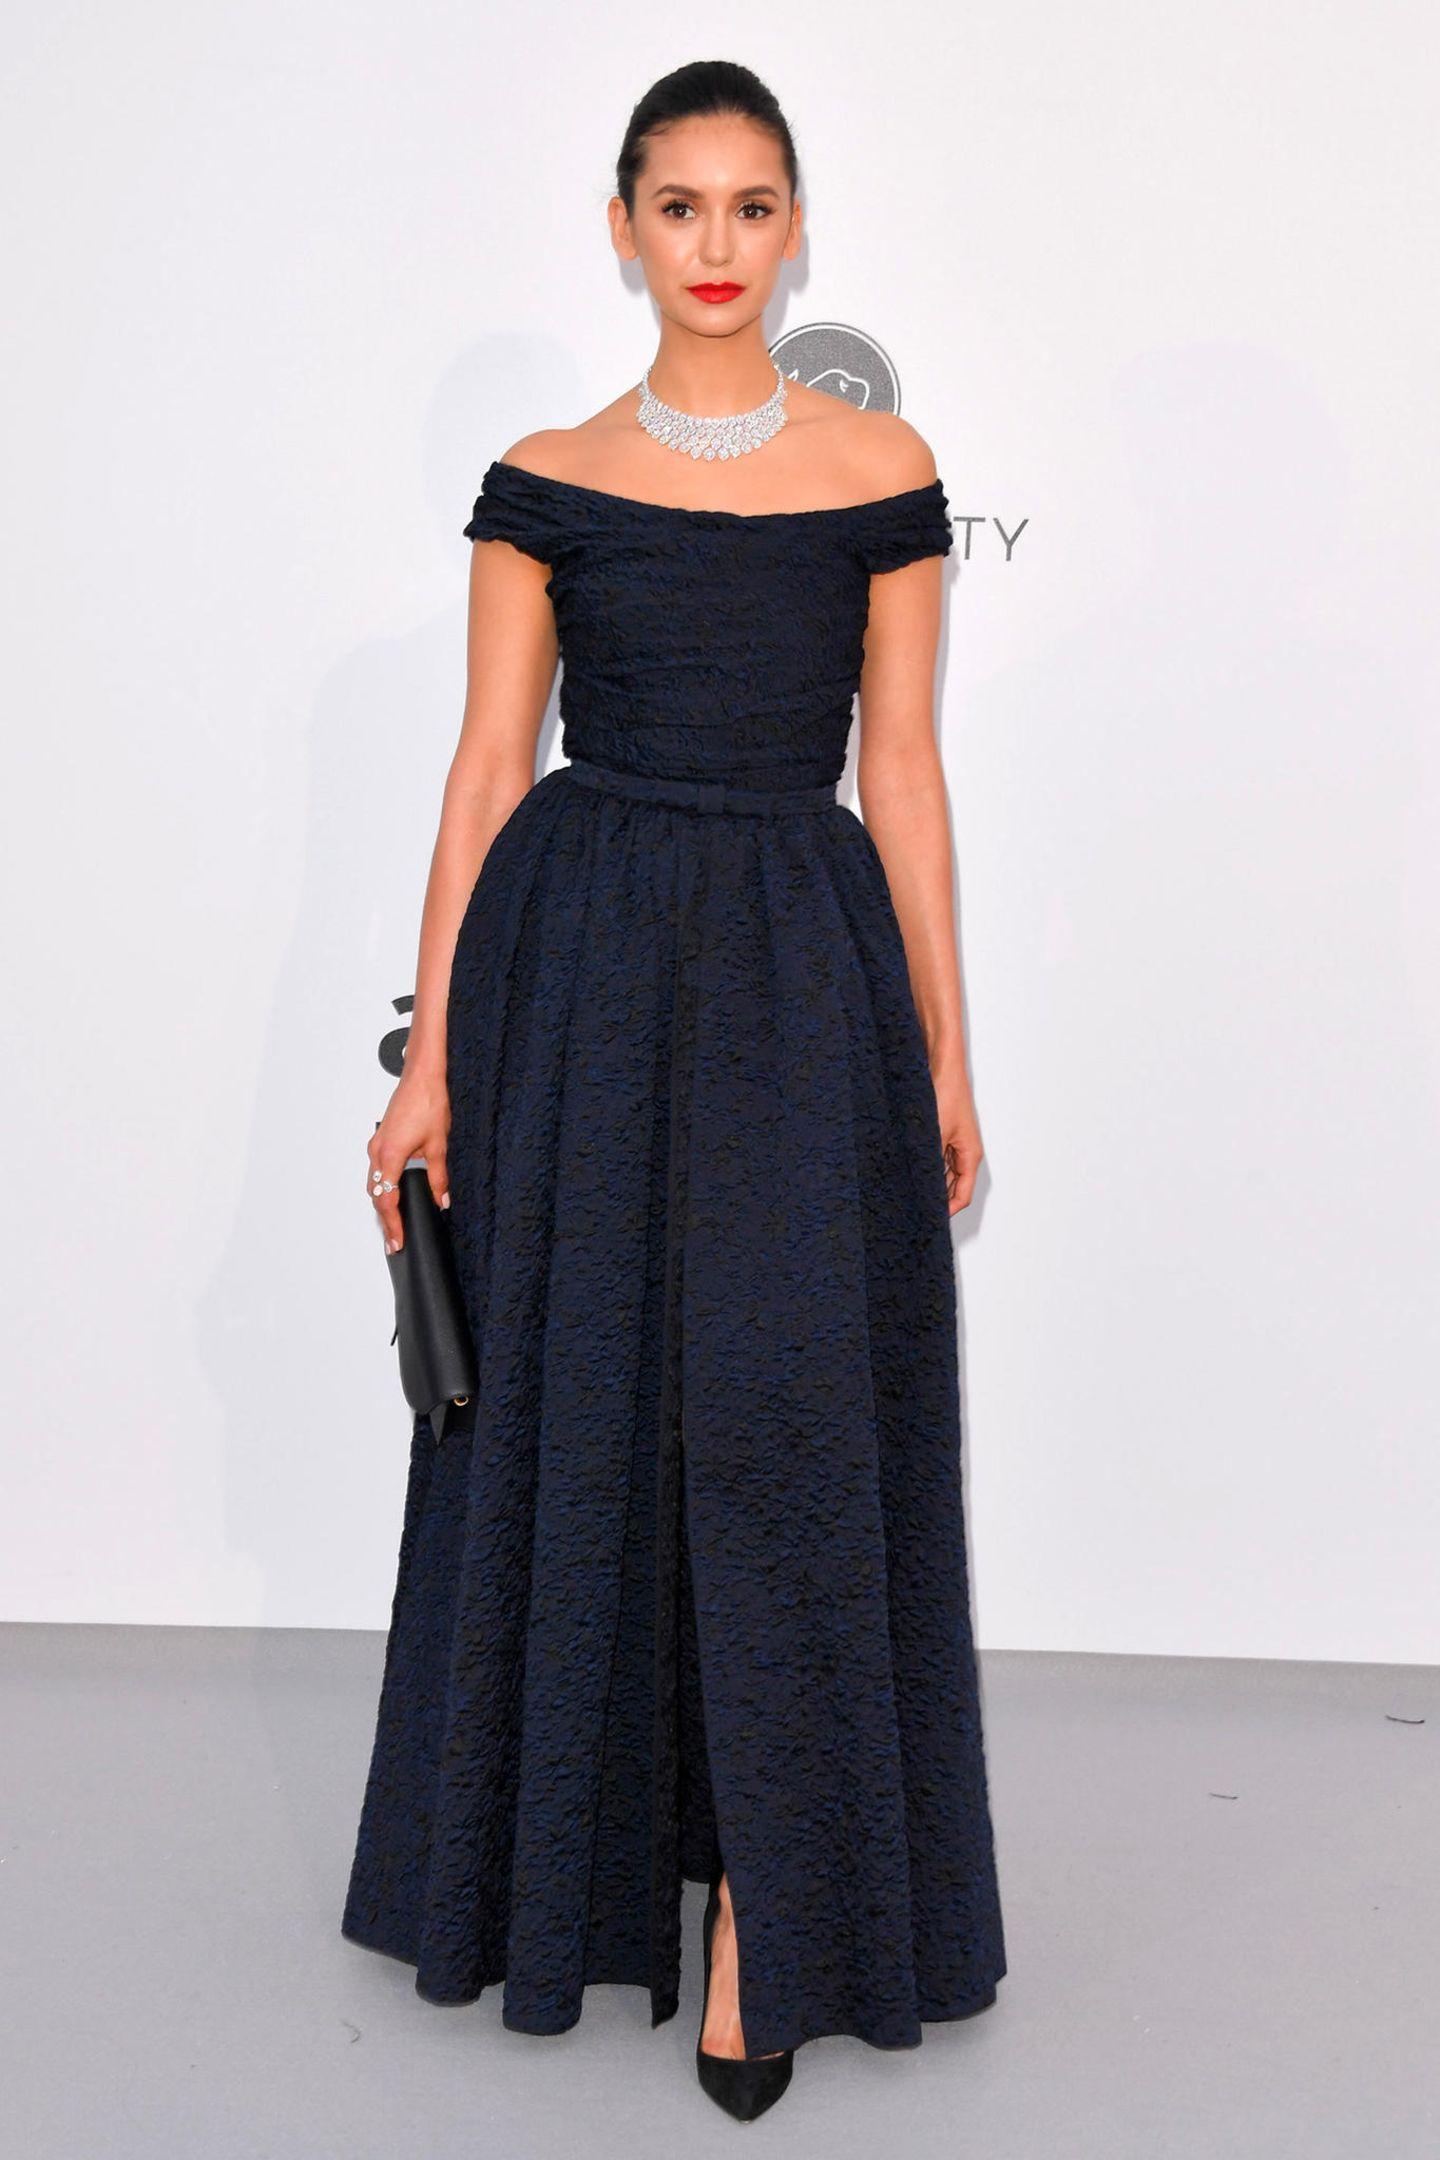 Elegant, aber fast ein wenig unauffällig wirkt Nina Dobrev in ihrer dunkelblauen Dior-Robe.